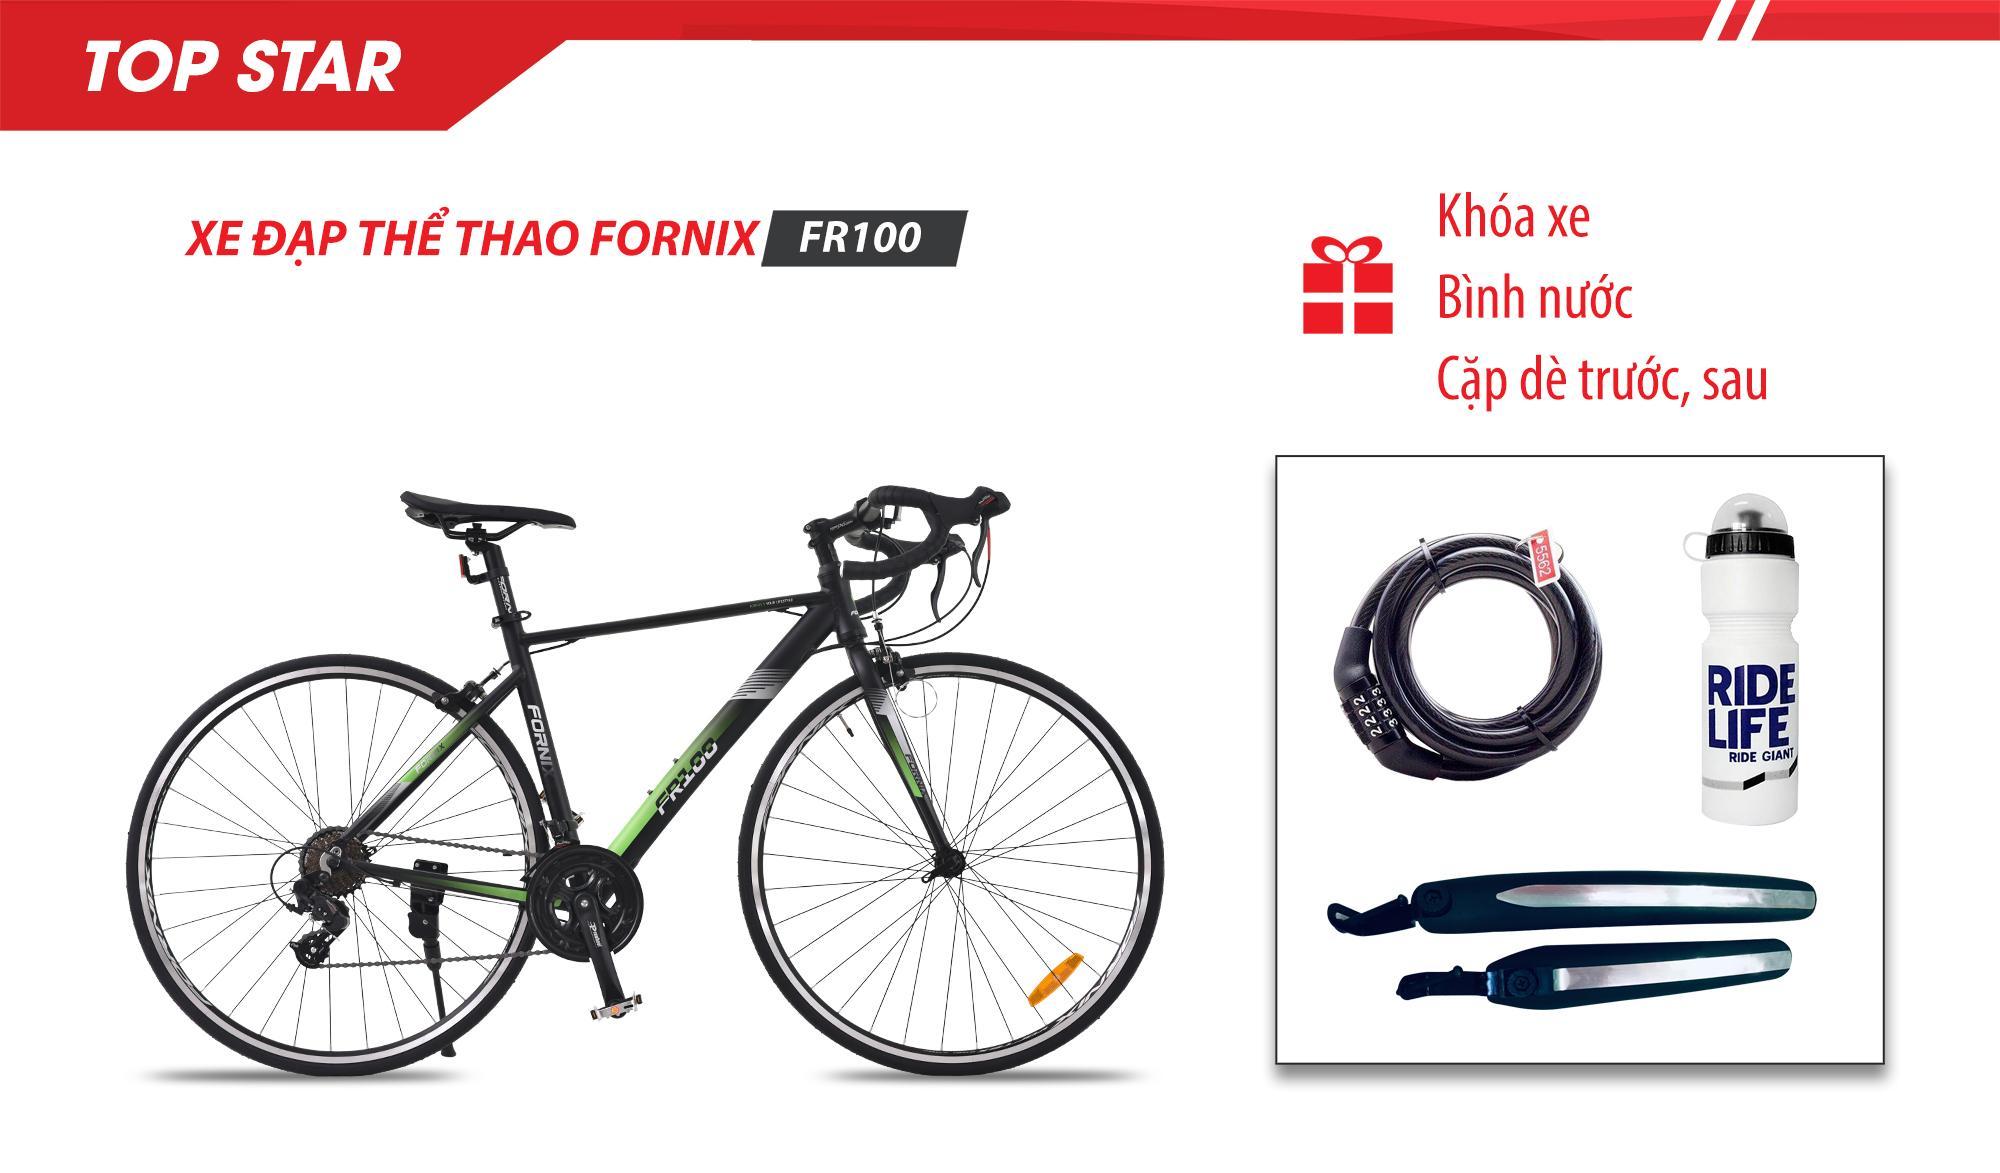 Mua Xe đạp thể thao FR100- Vòng bánh 700C- Bảo hành 12 tháng + (gift) Khóa xe, Bình nước, Cặp dè